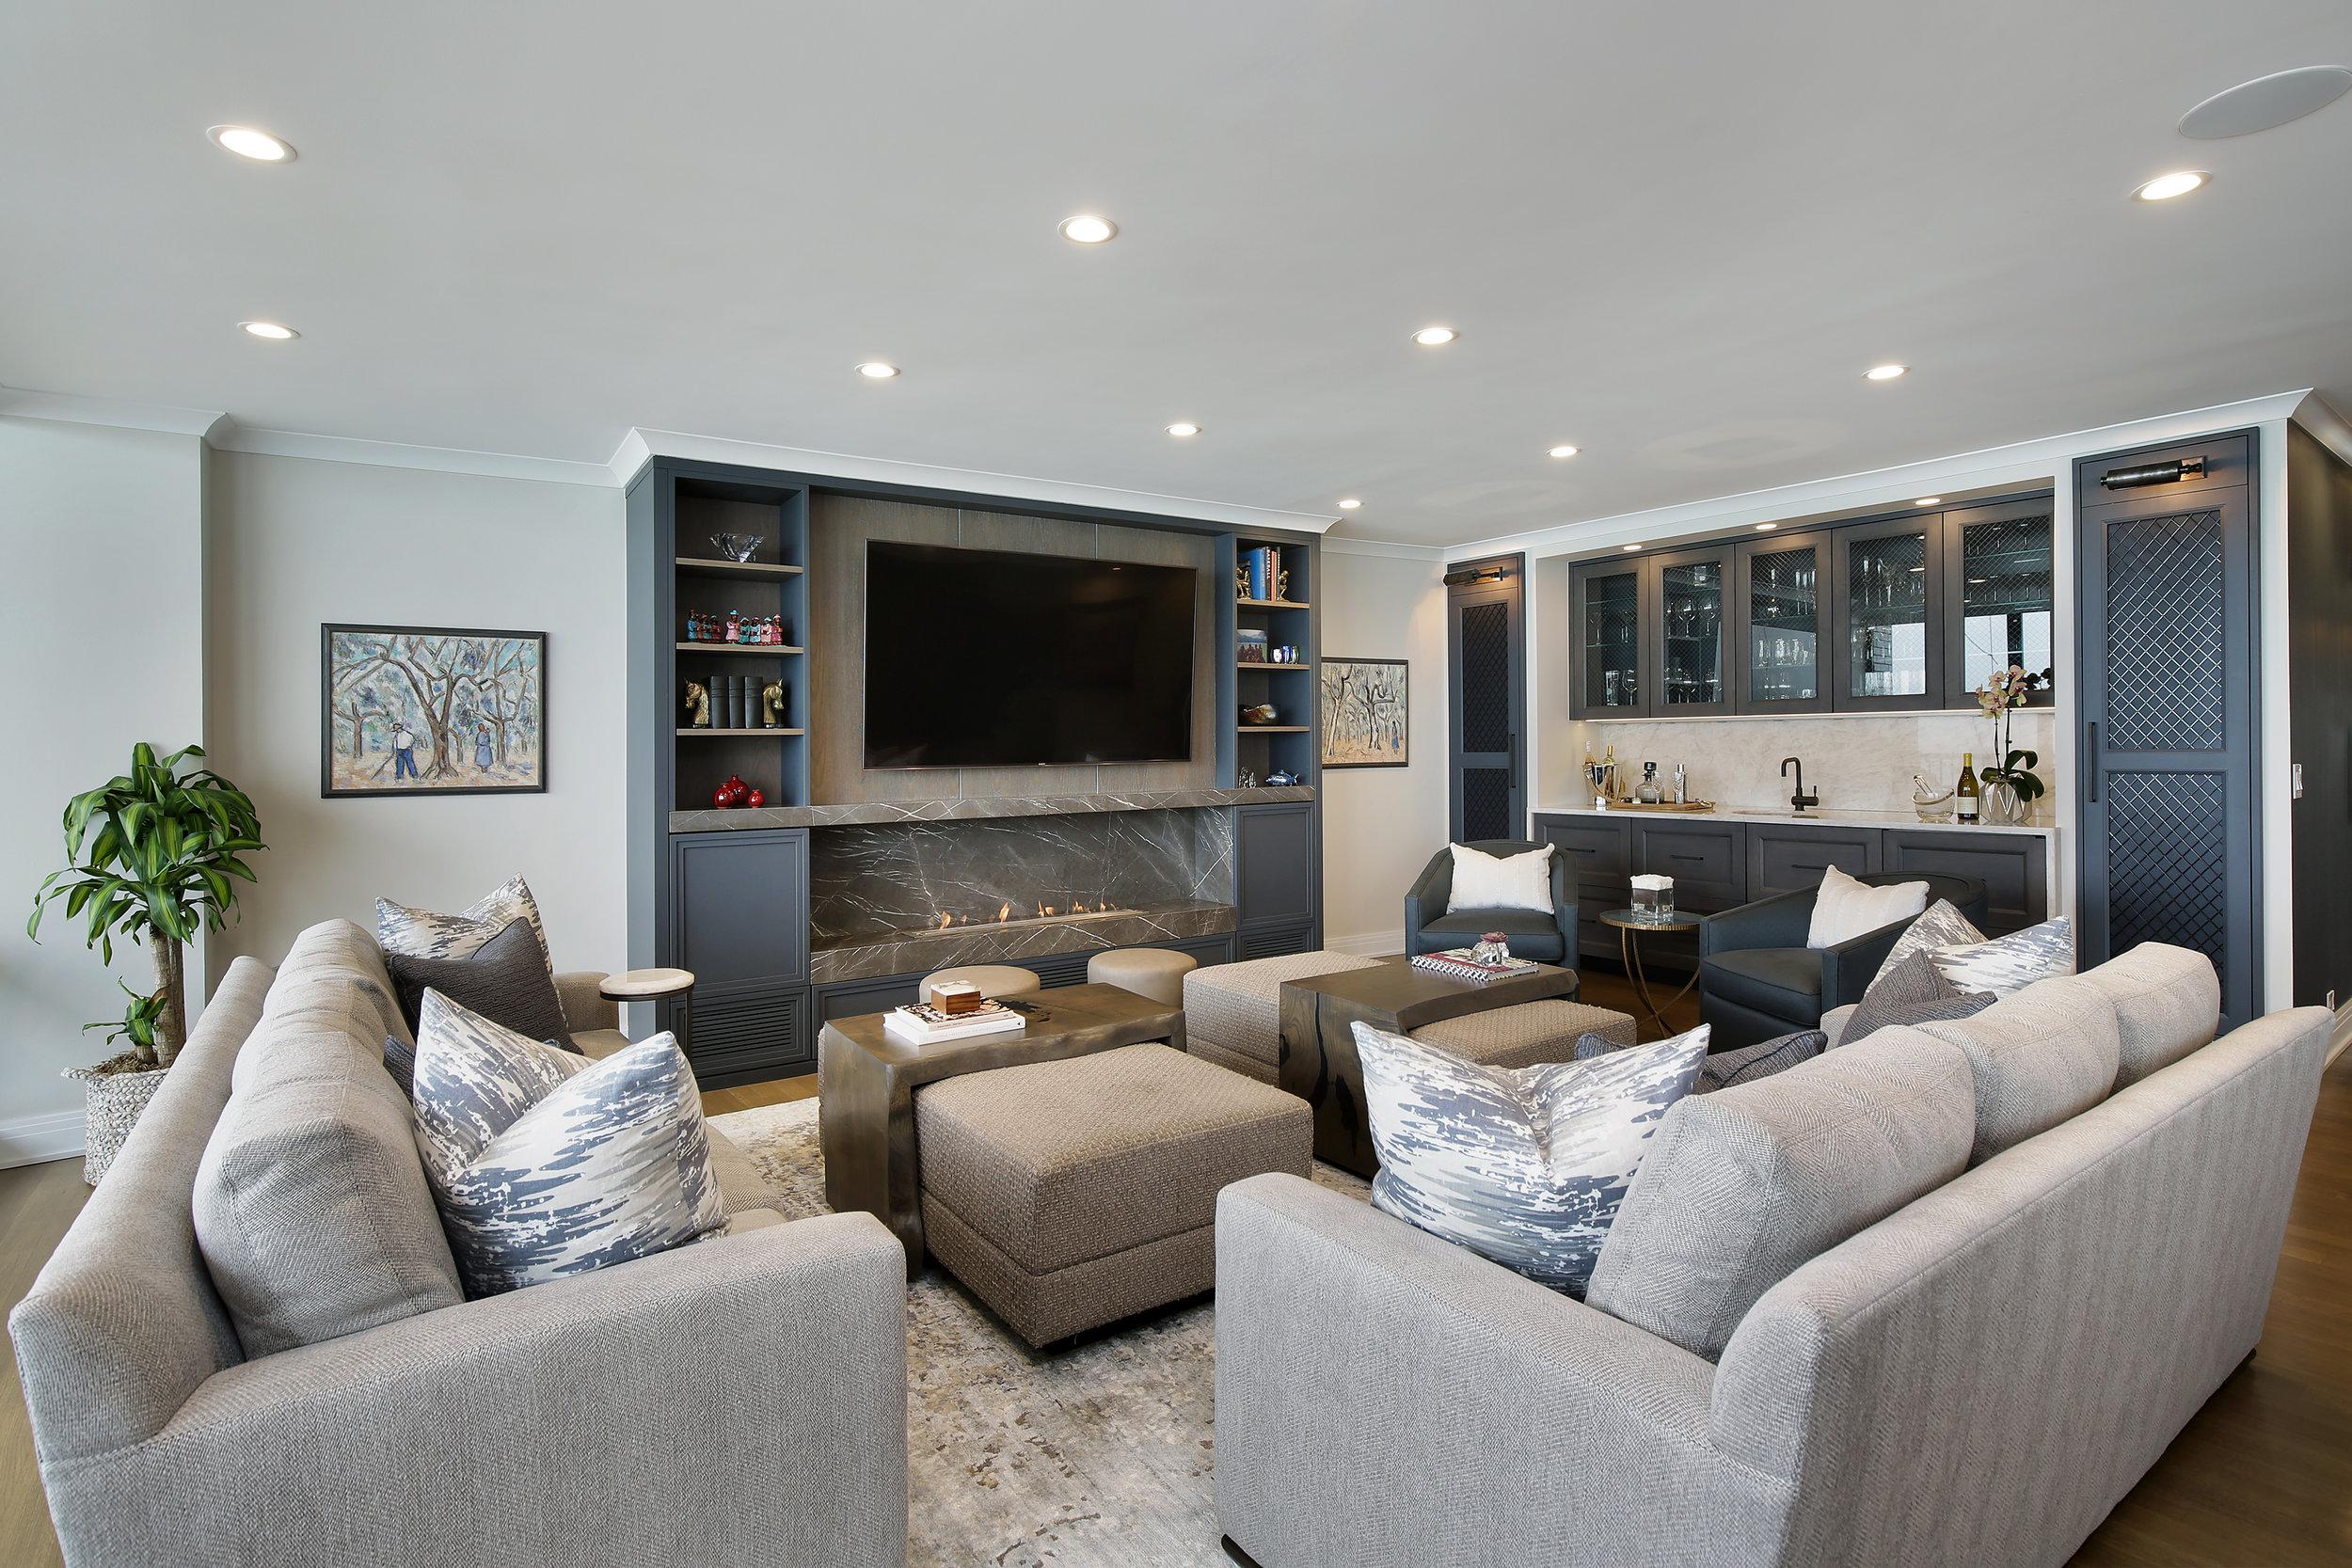 livingroom1_1040lsd23c.jpg